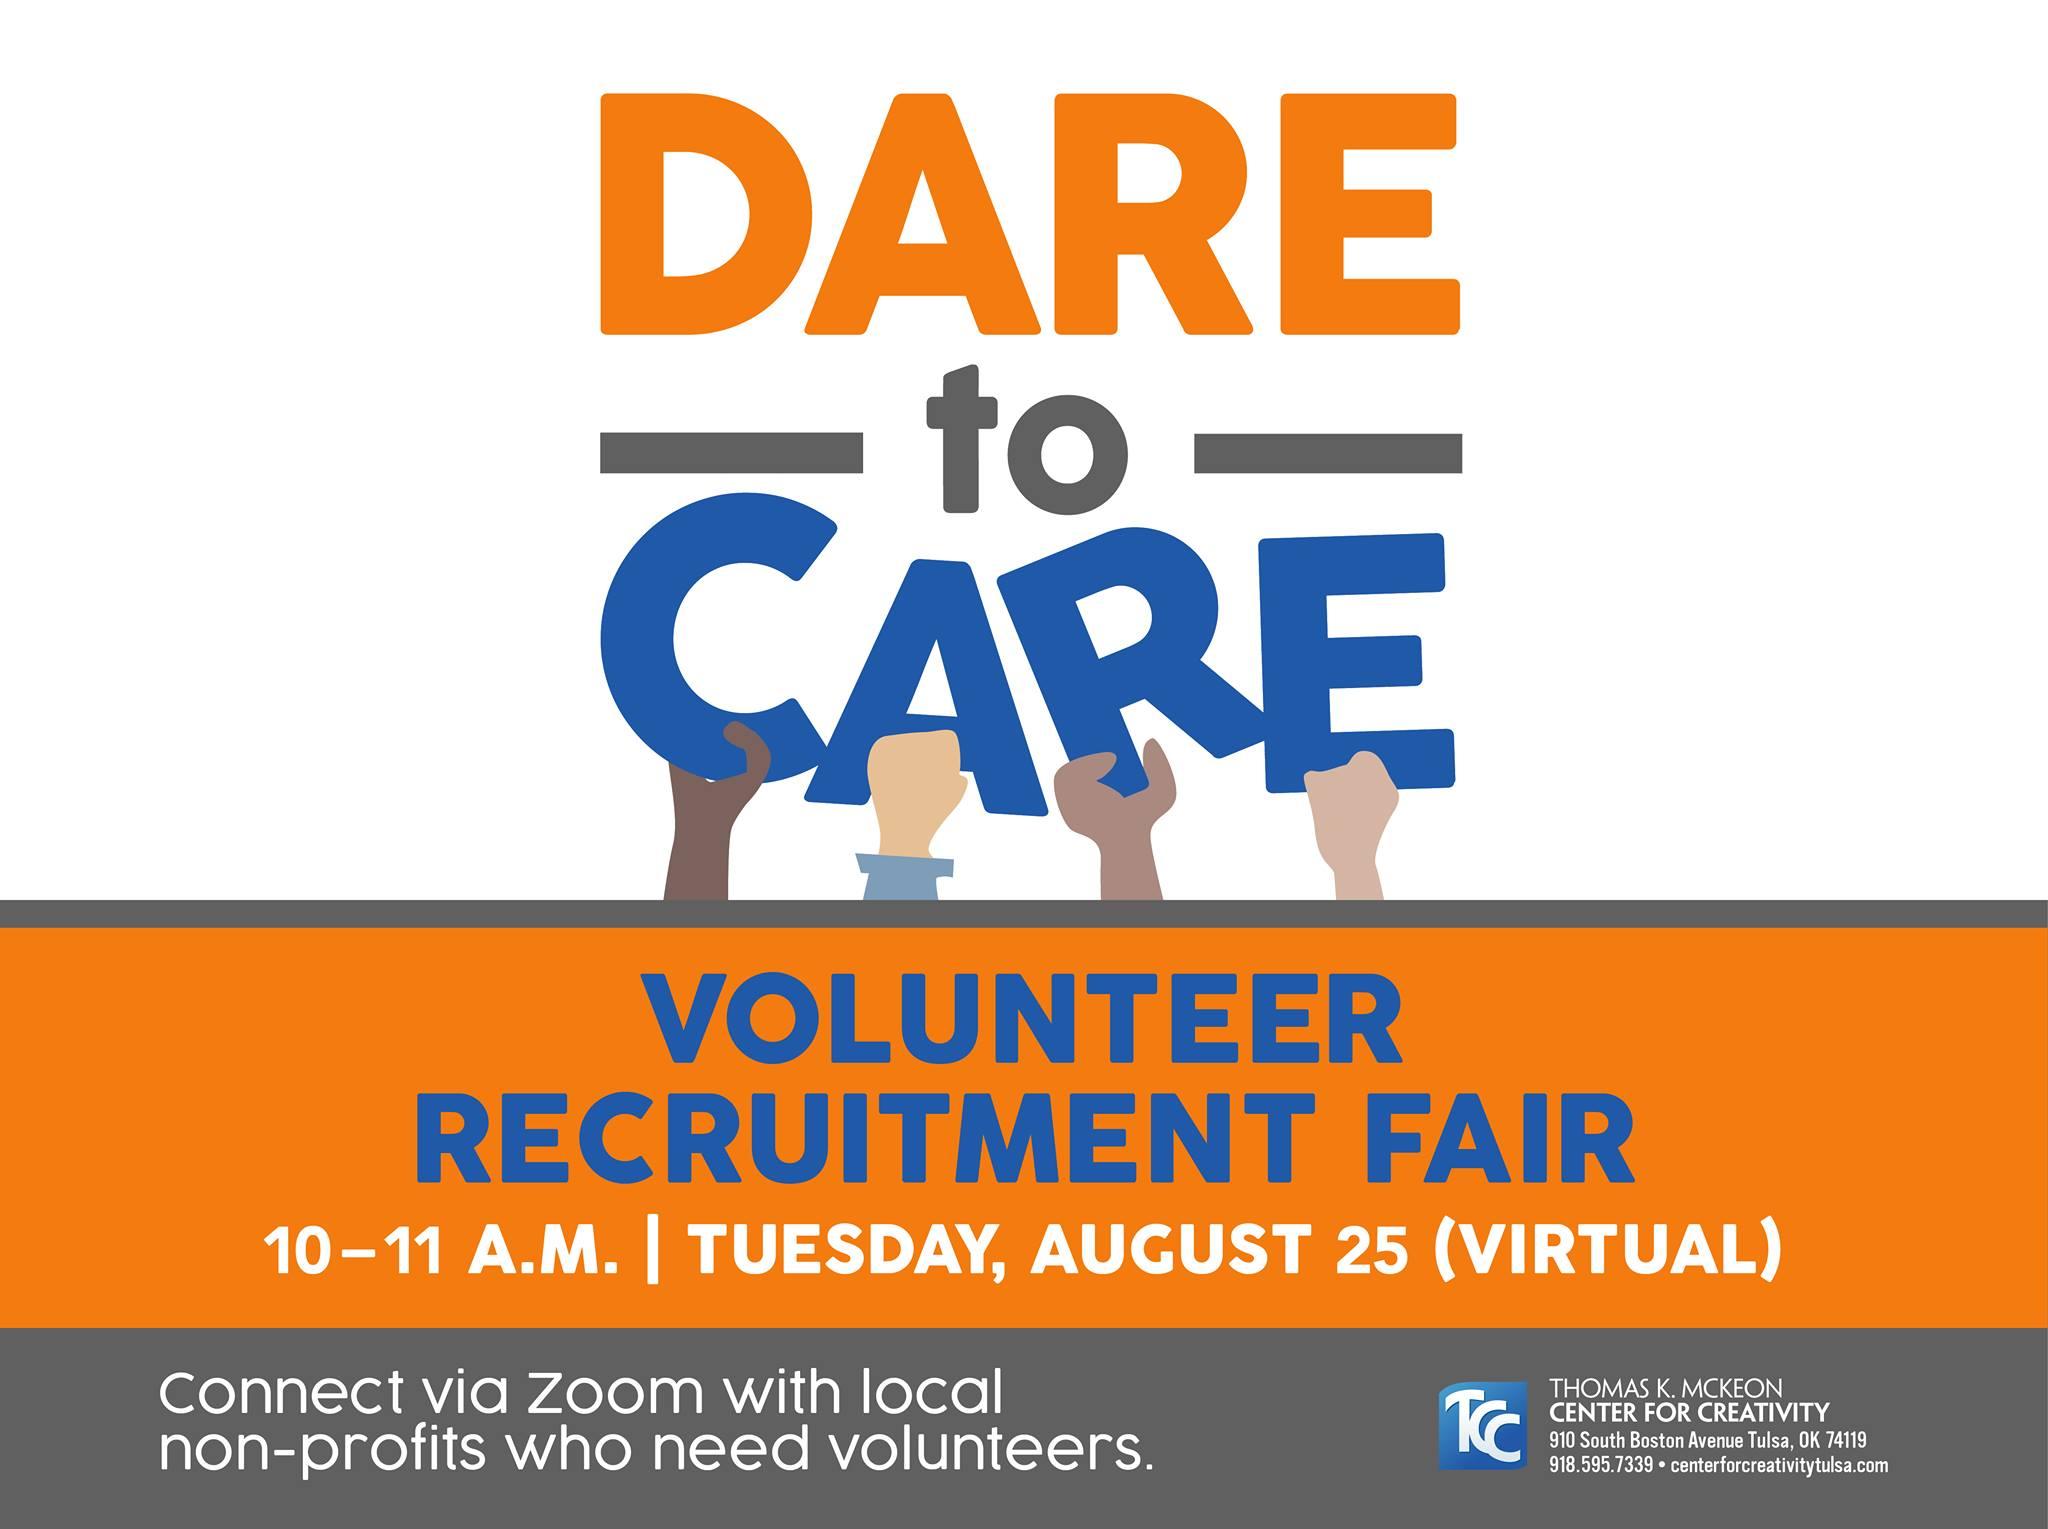 Dare to Care Volunteer Recruitment Fair